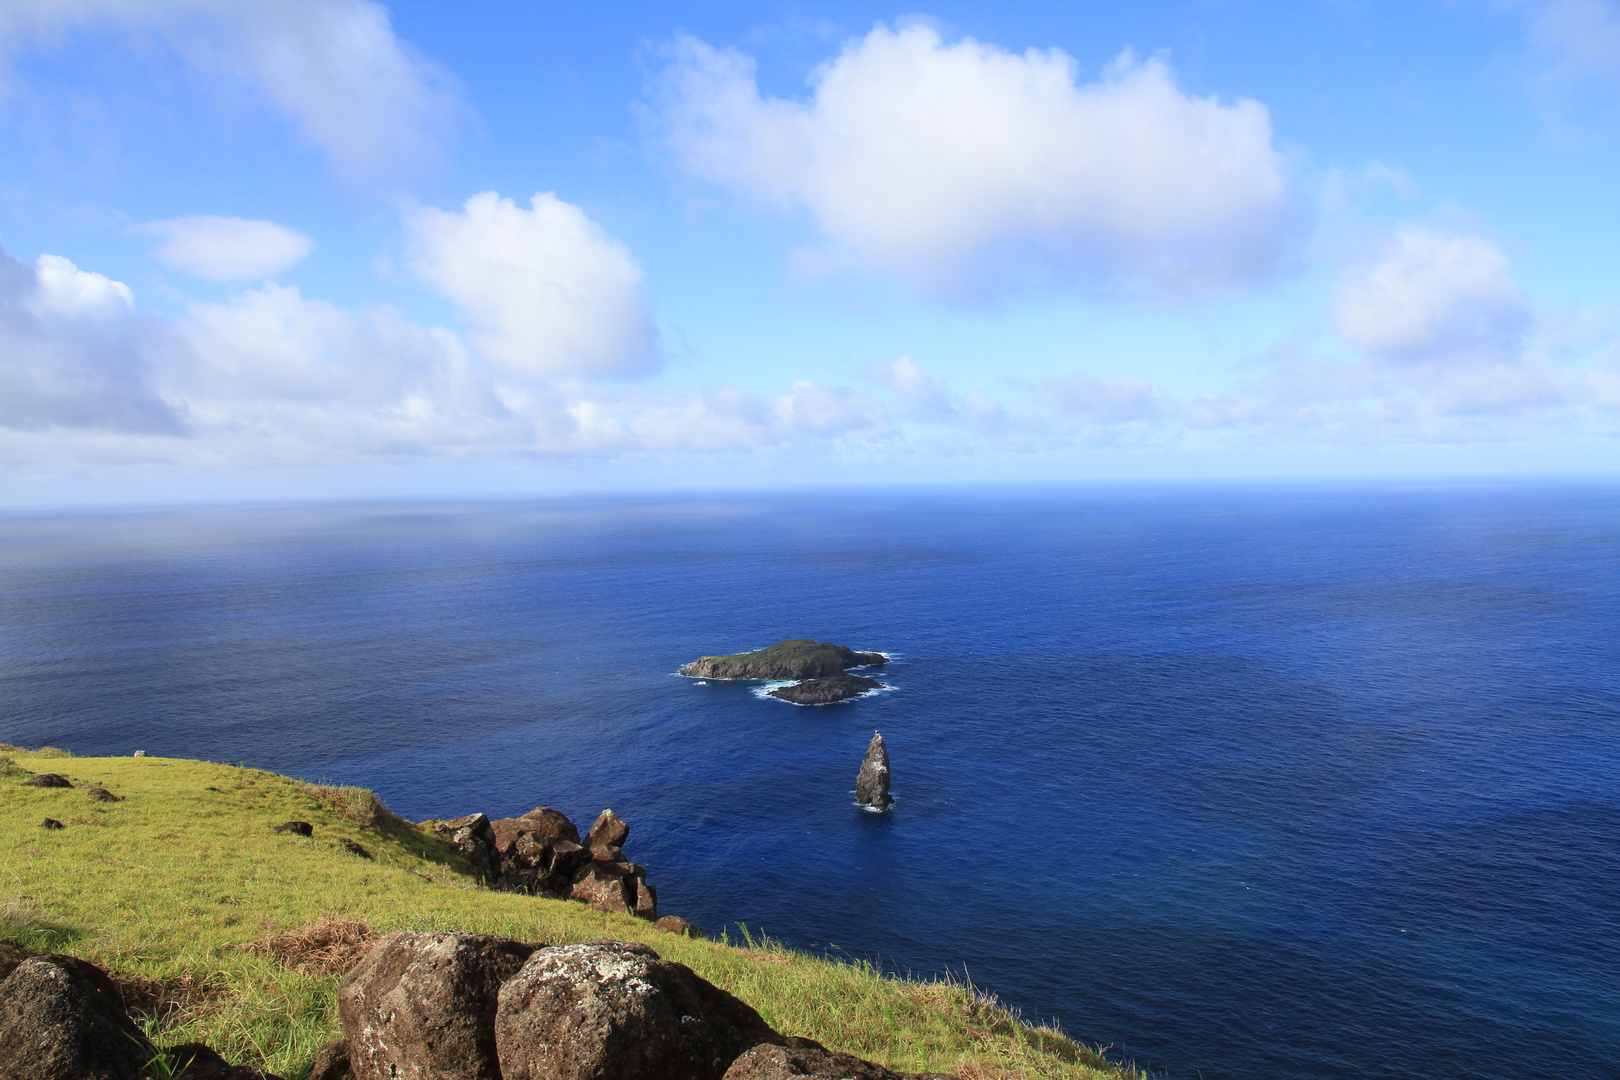 Oronko: Blick zu Vogelinseln